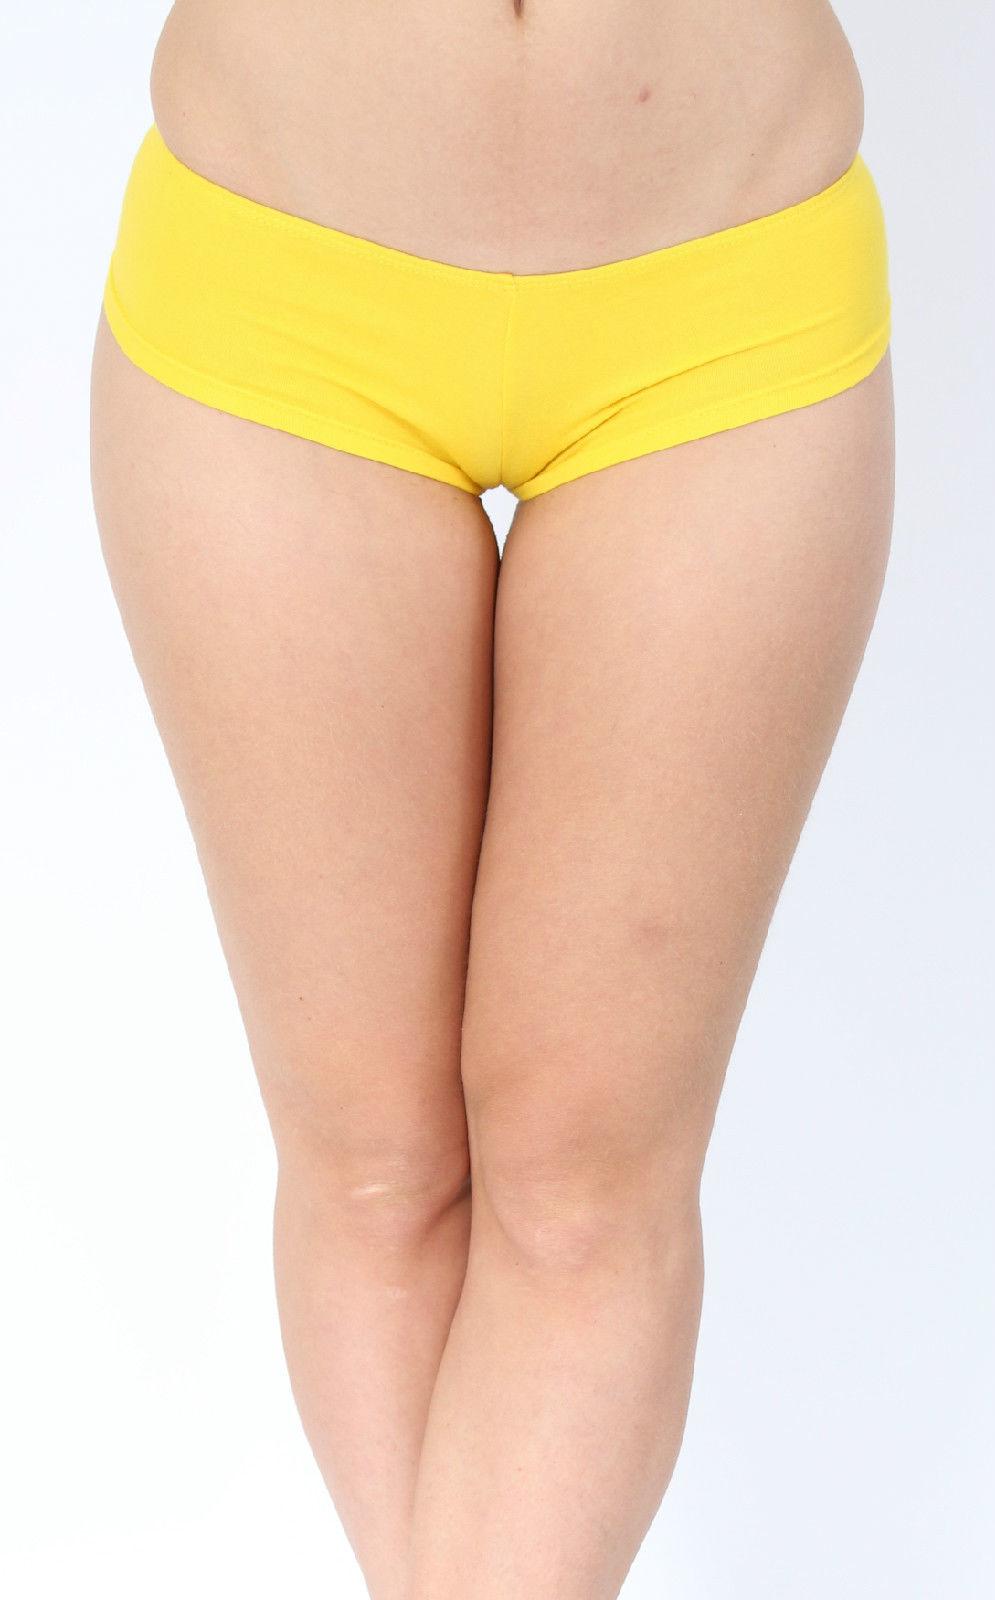 shorts spank me